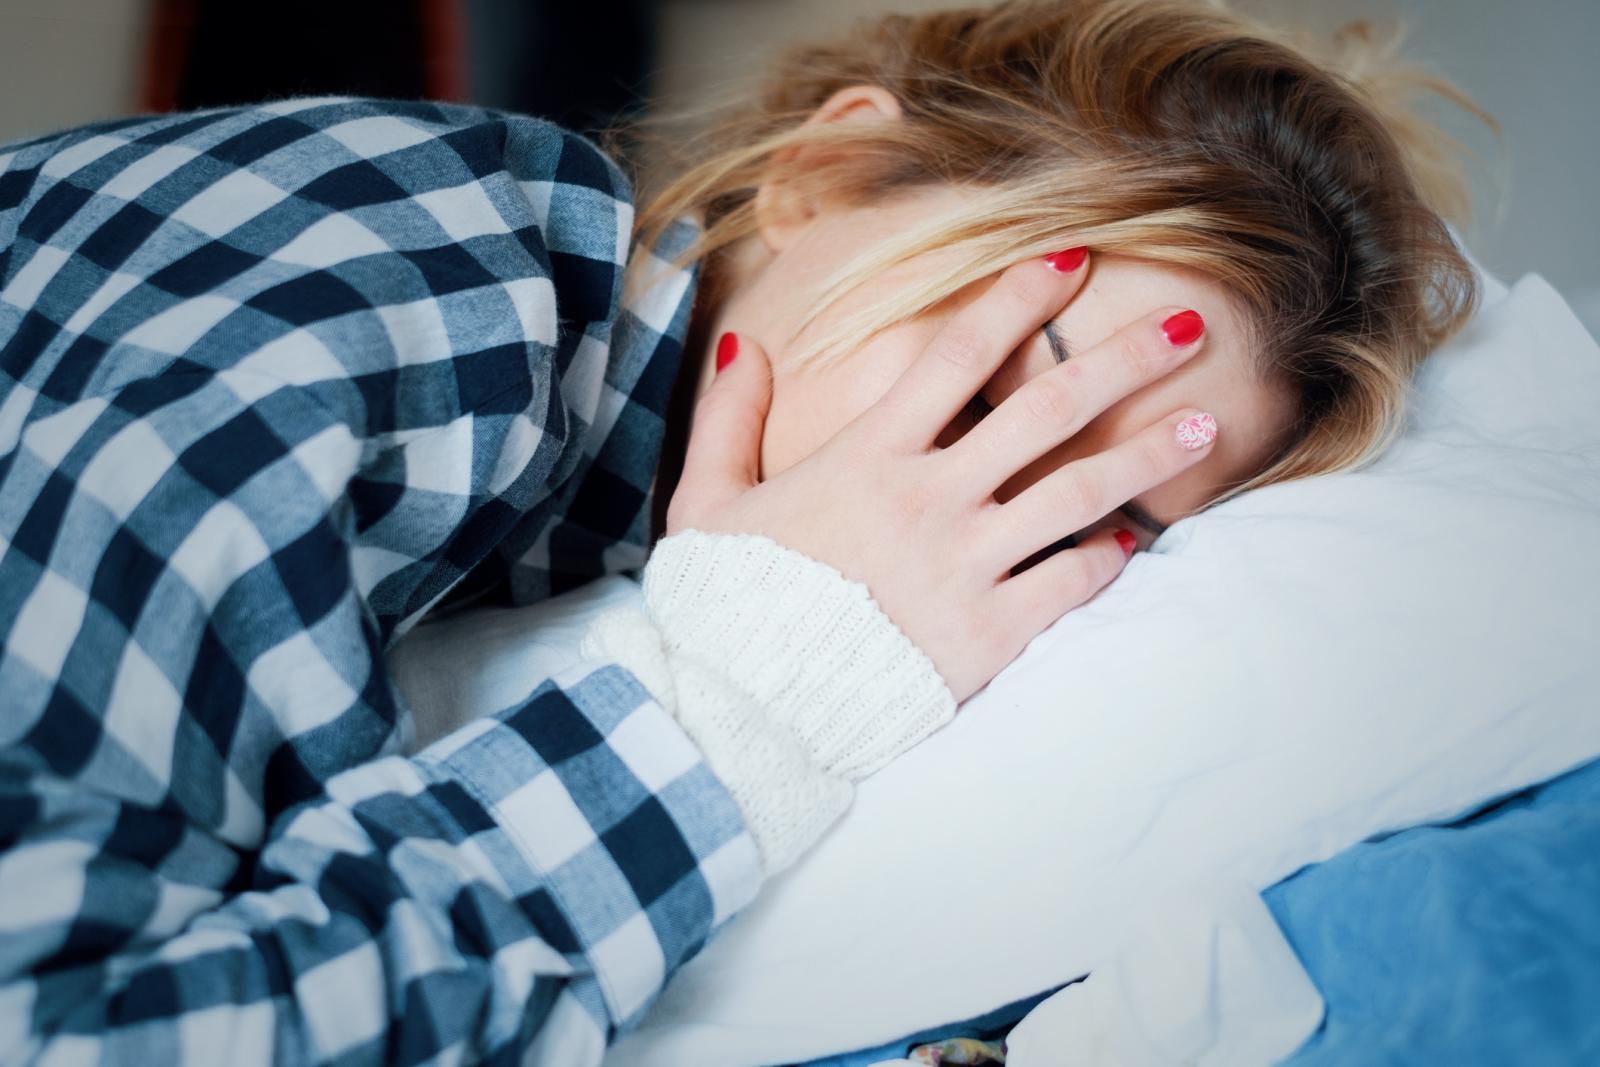 Jeste li znali da i toliko željeni odlazak frizeru može uzrokovati bol u glavi?